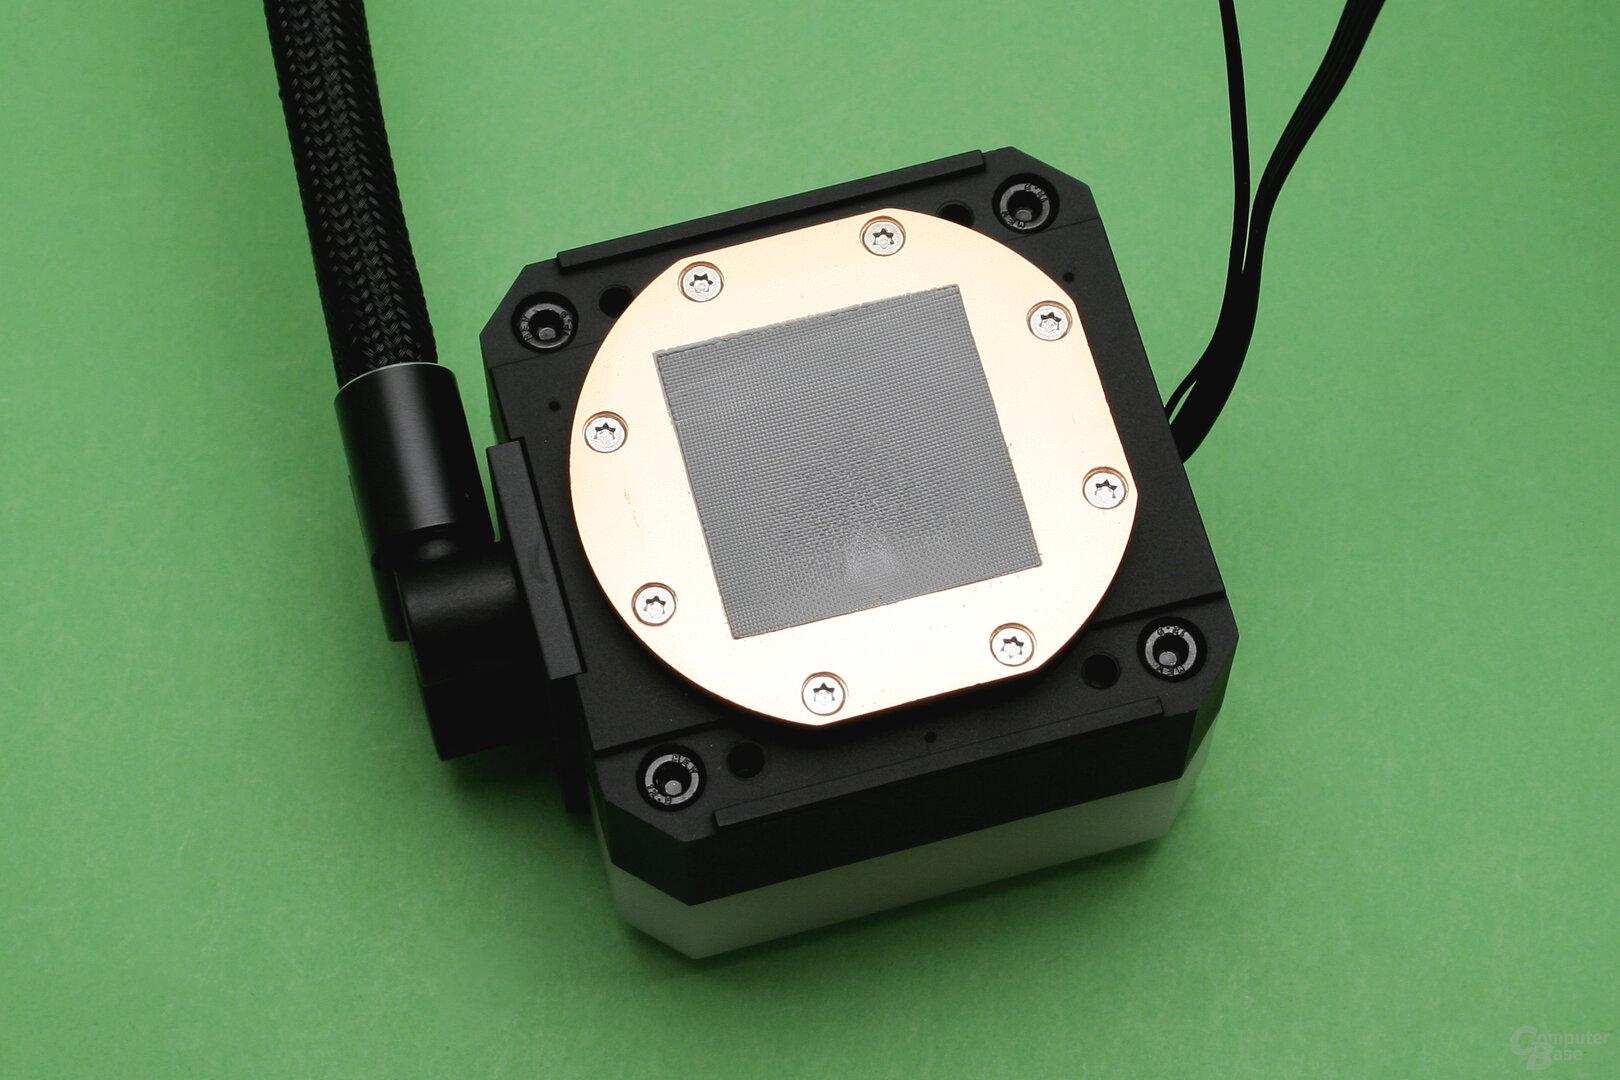 EK Water Blocks EK-AIO 240 D-RGB: Wärmeleitpaste ist bereits auf dem Kühler aufgetragen